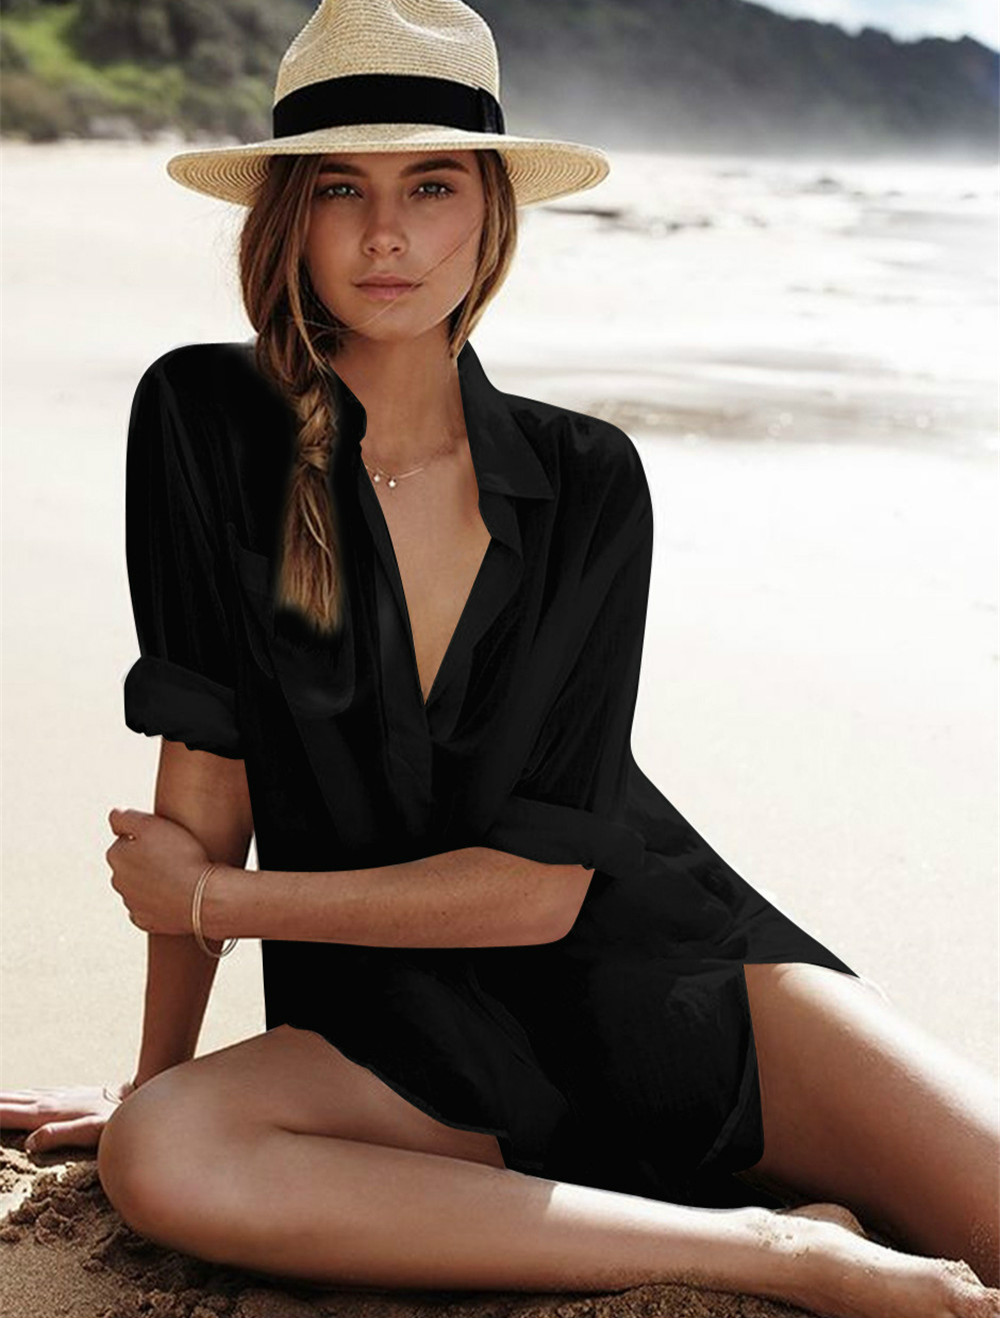 Pareos praia Vestido Túnica Para As Mulheres Kaftan 2019 Novo Camisa De Algodão de Manga Longa Tamanho Sexy Praia Cover Up Pareo Praia